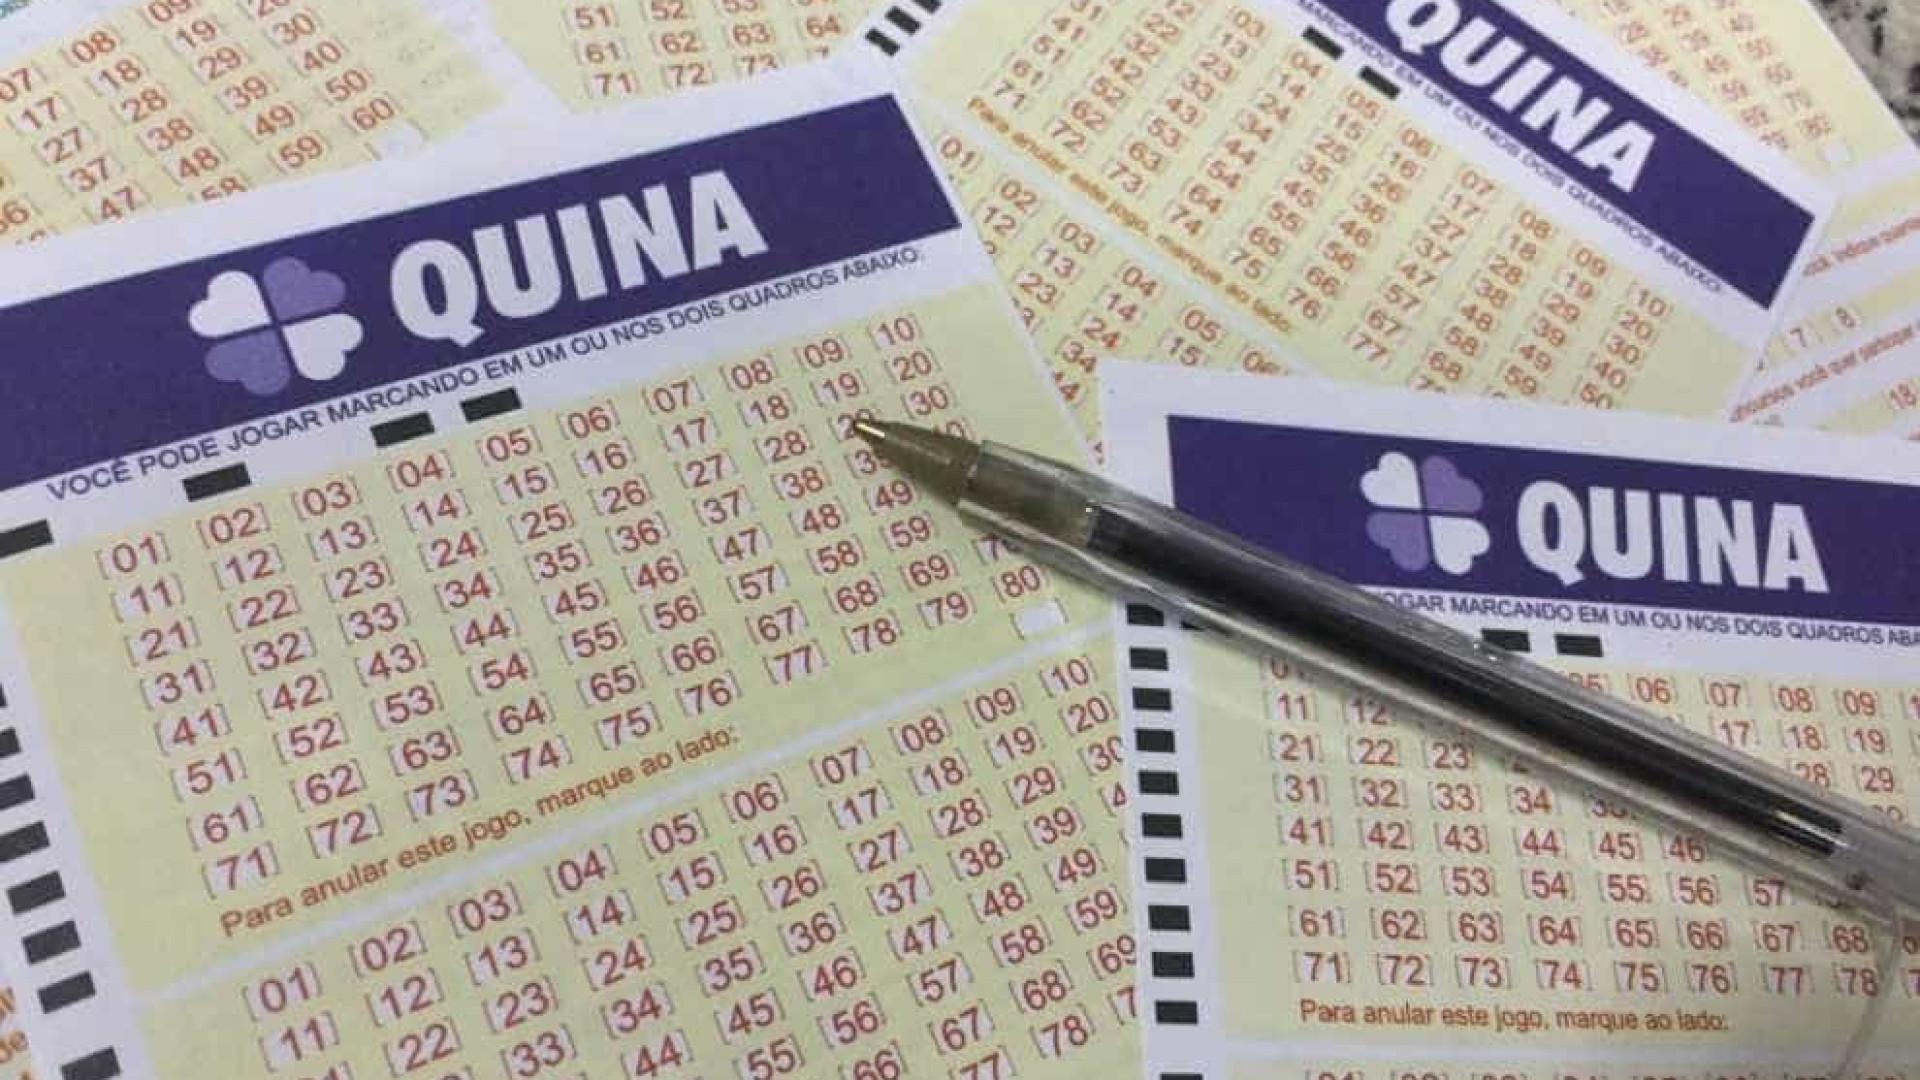 Apostador fatura mais de R$ 6 milhões em sorteio da Quina